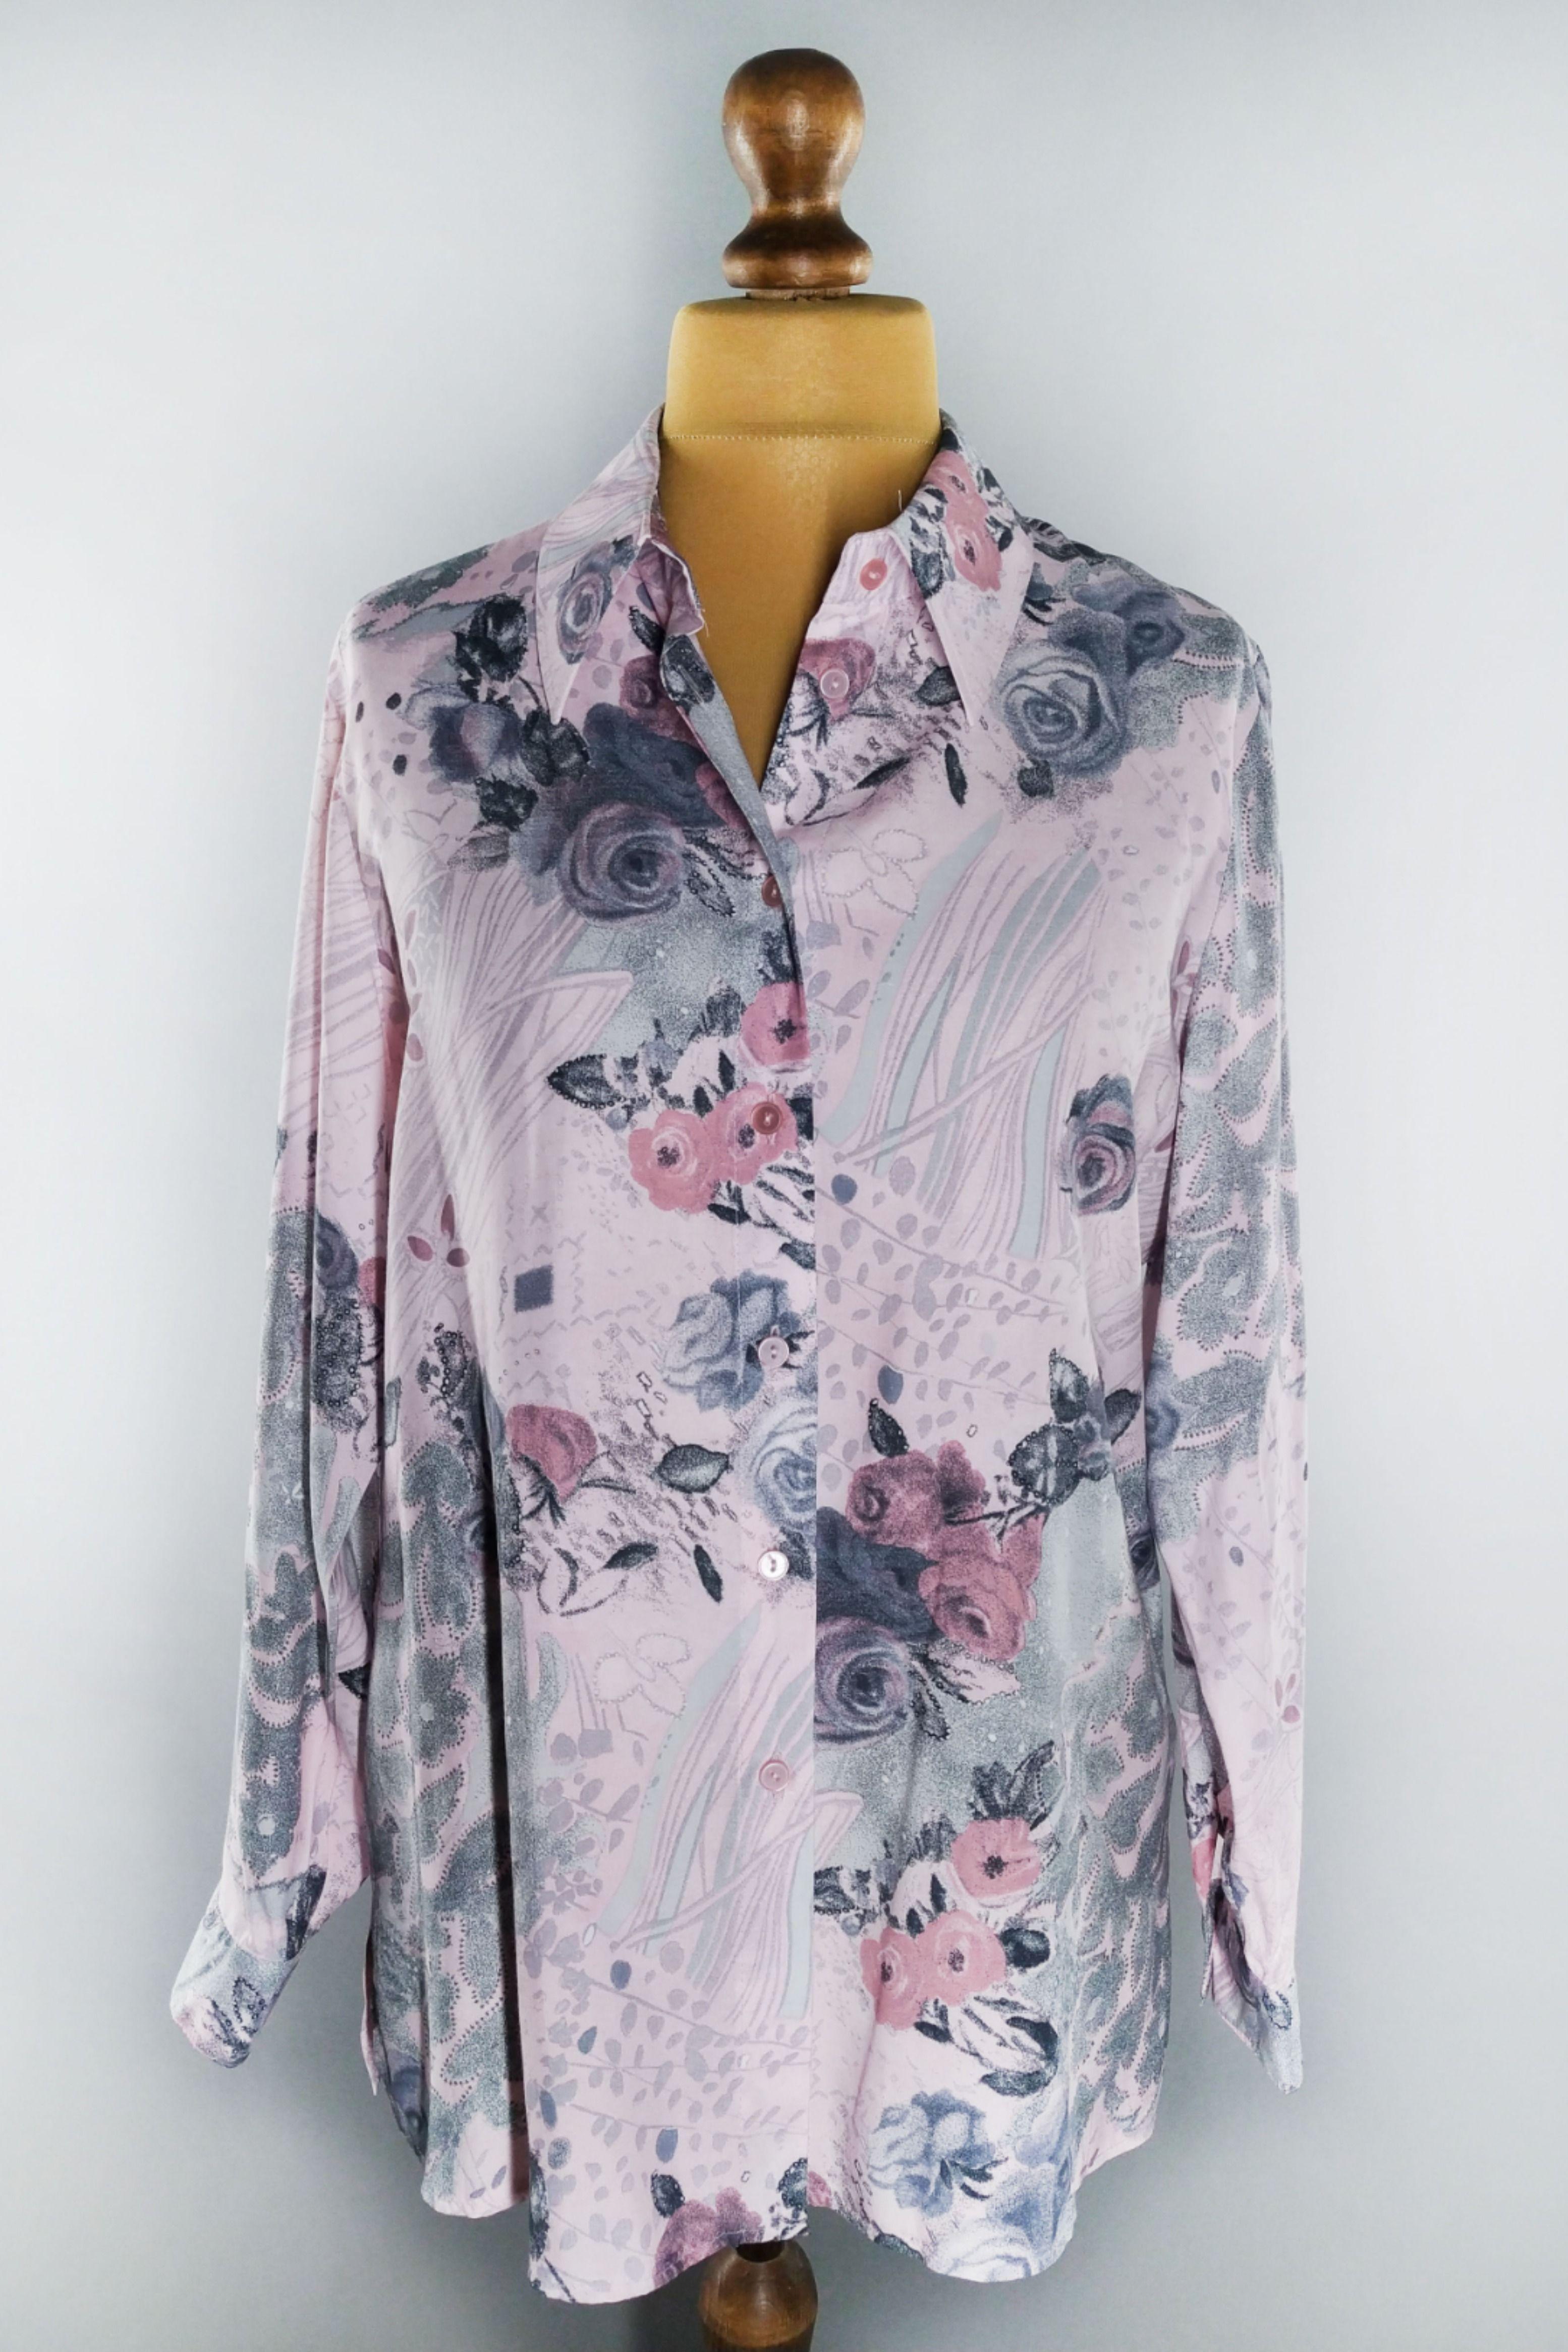 Vintage Pink Floral Blouse In 2020 Pink Floral Blouse Vintage Floral Blouse Floral Blouse